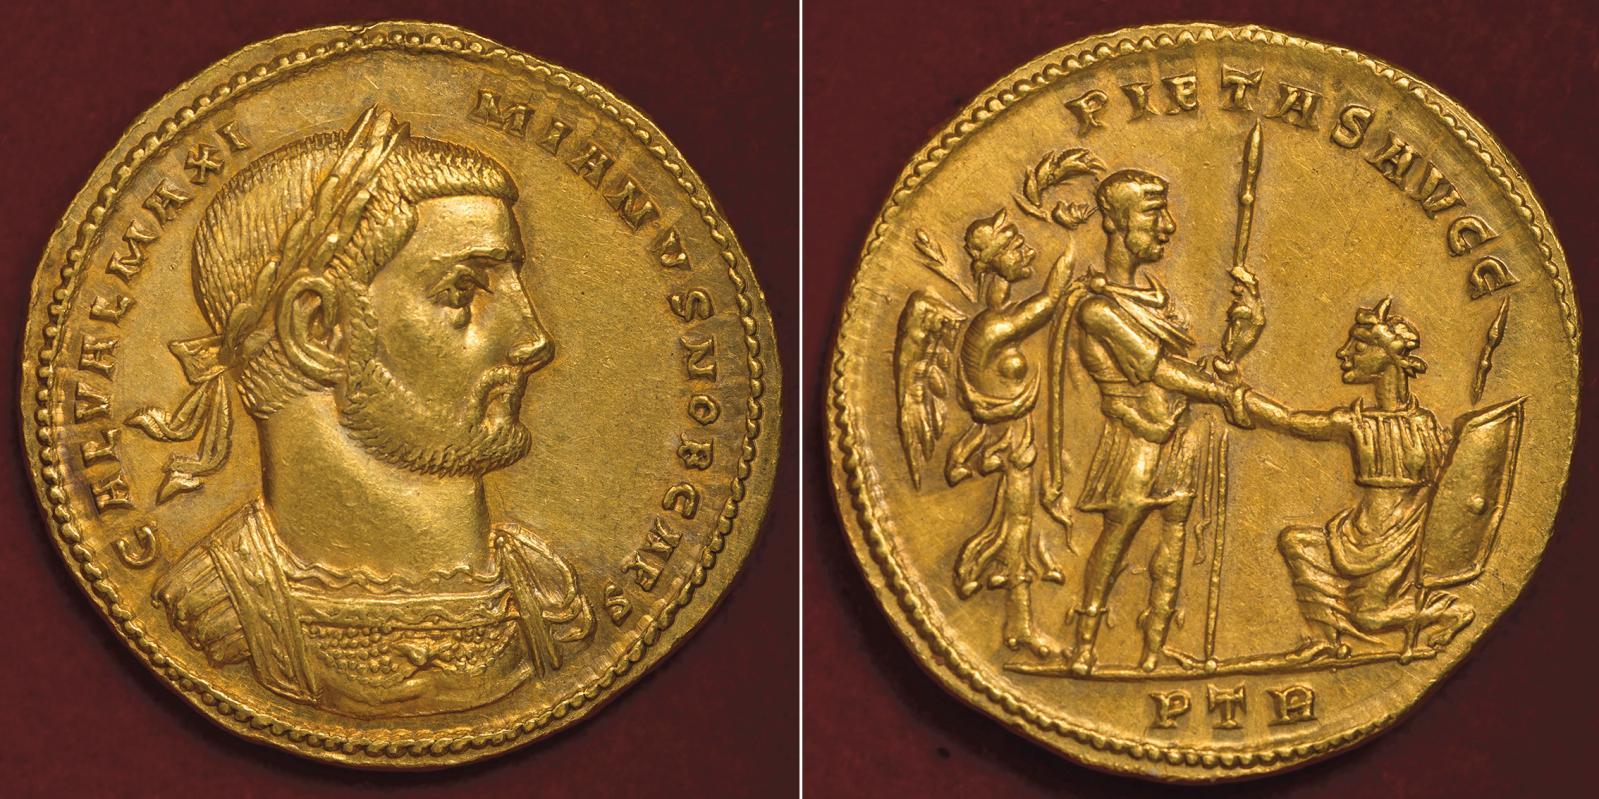 Multiple de 5aurei à l'effigie de Galère Maximien, émis à Trèves en 297 pour célébrer la reconquête de la Britannia, or, 26,22g. Au reve